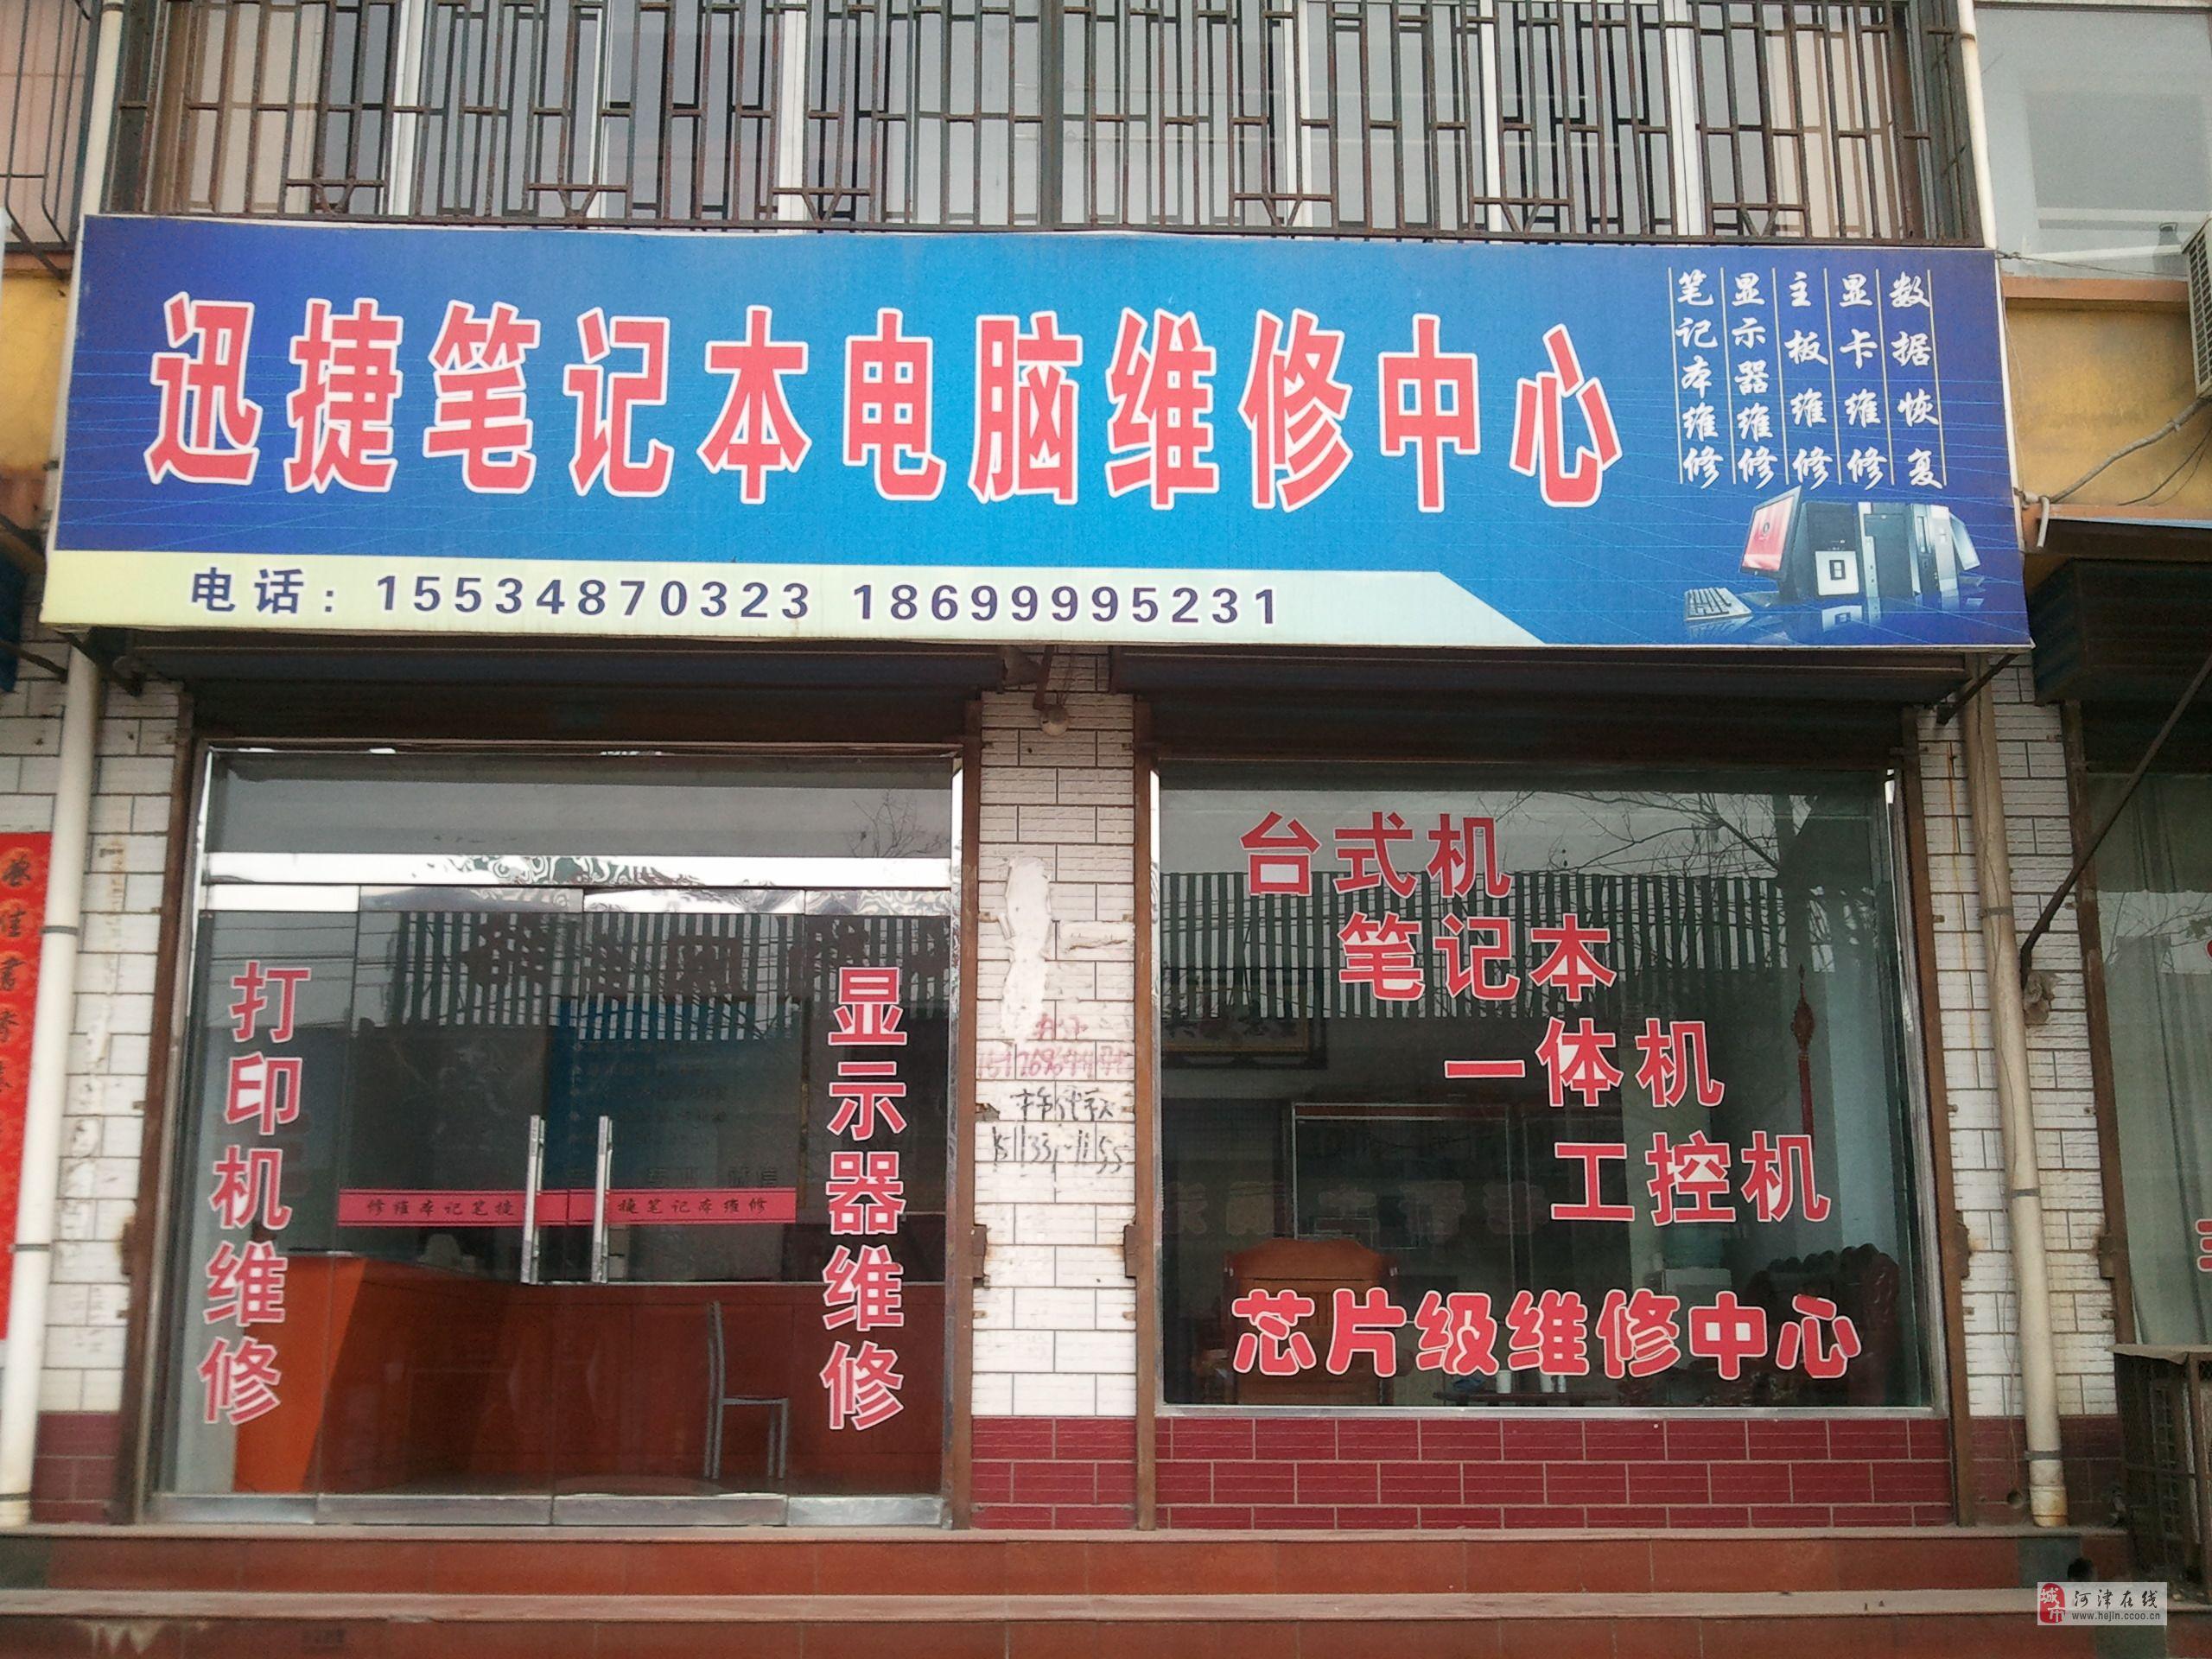 河津市迅捷筆記本電腦維修中心